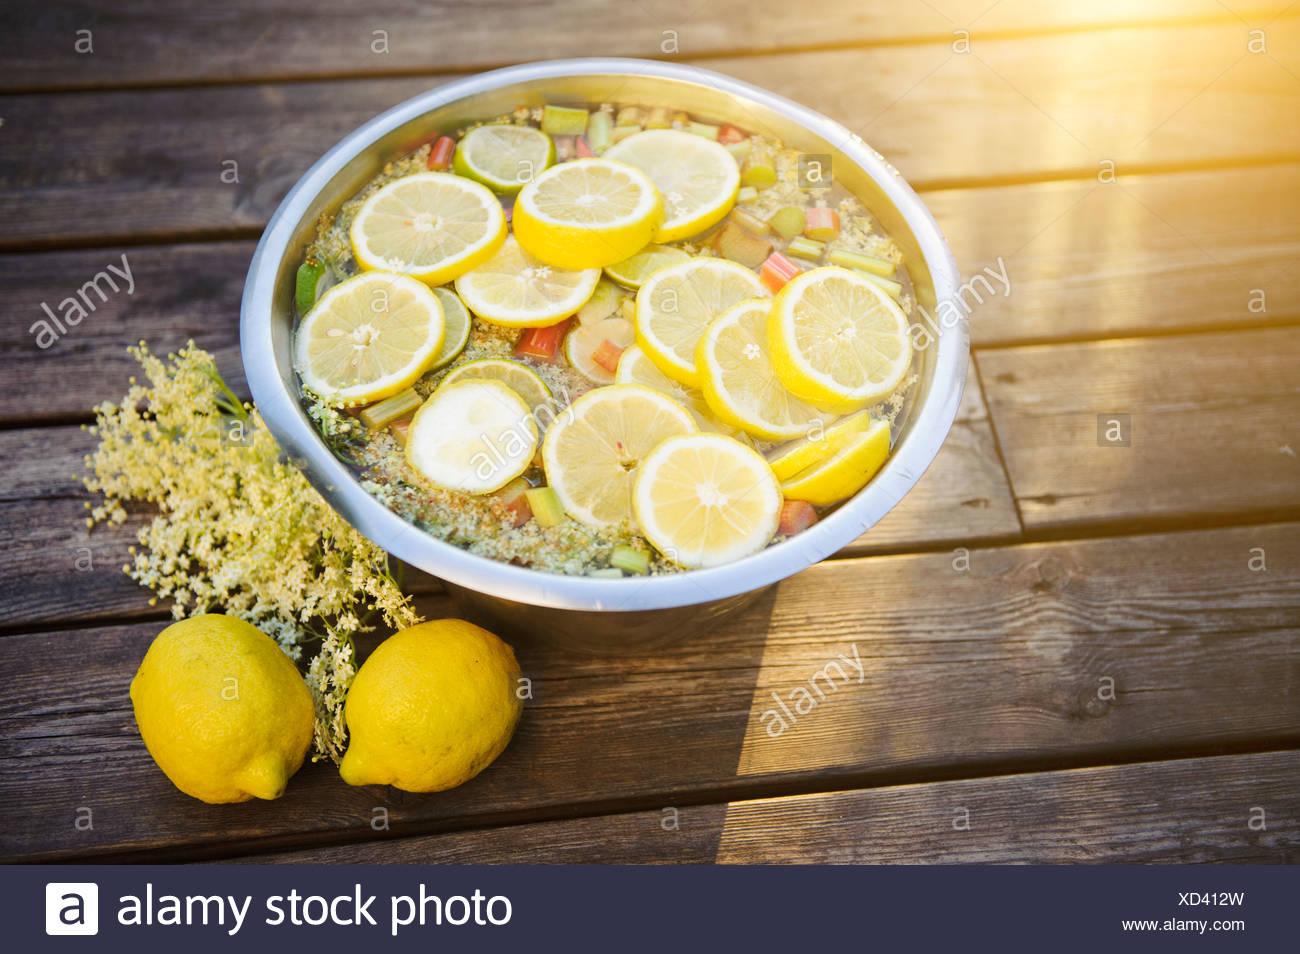 Bowl of elder flower and lemon slices on table - Stock Image